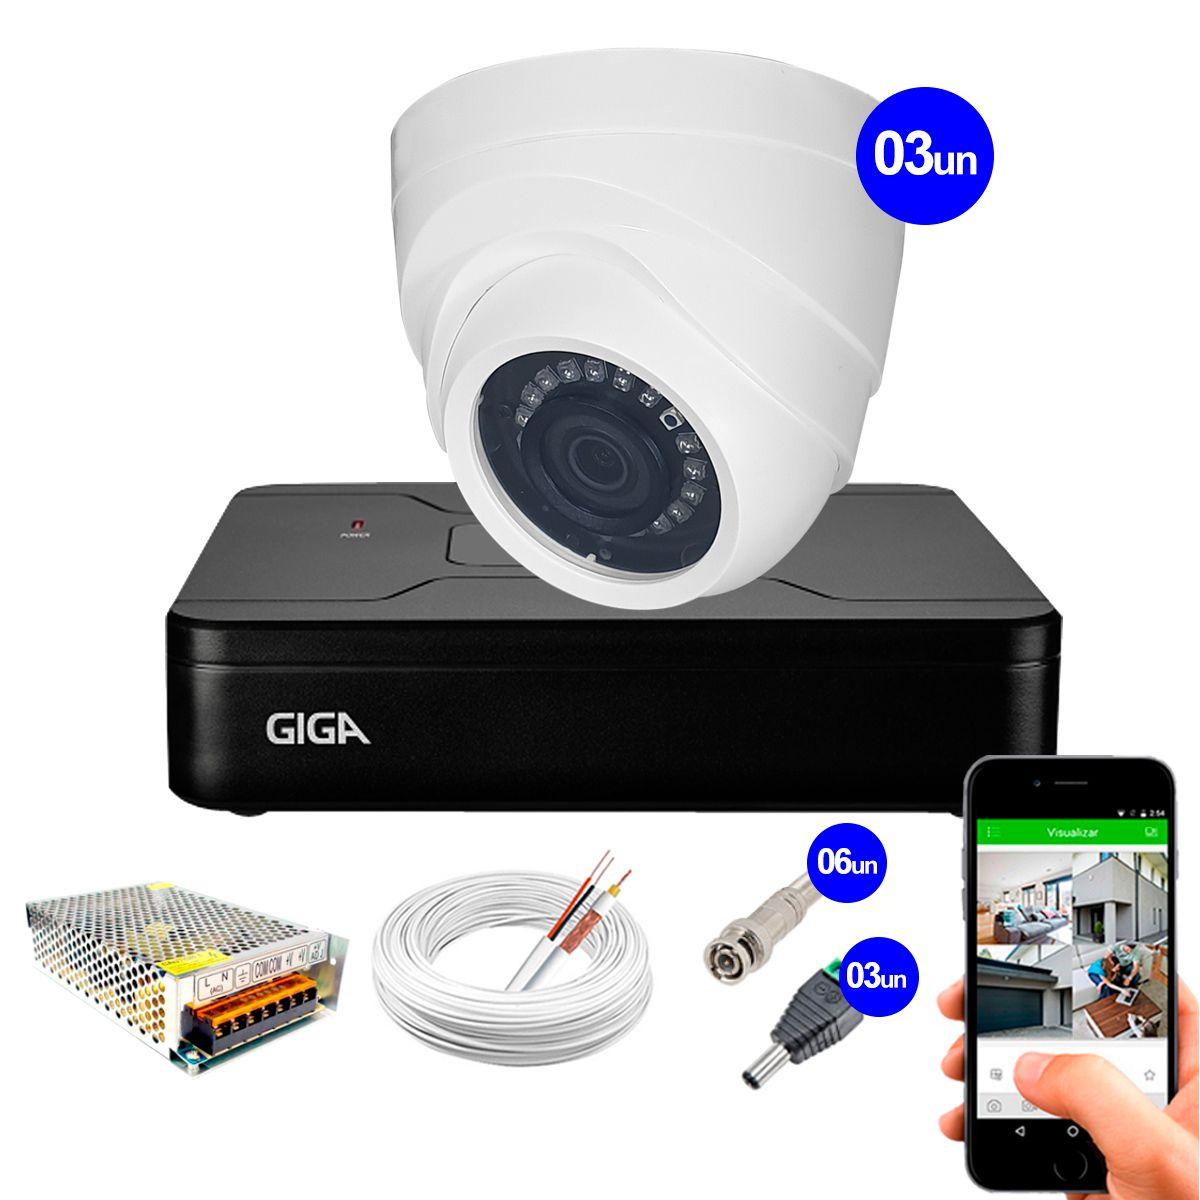 Kit Giga Security 3 Câmeras HD 720p GS0019 + DVR Lite + Acessórios  - Tudo Forte